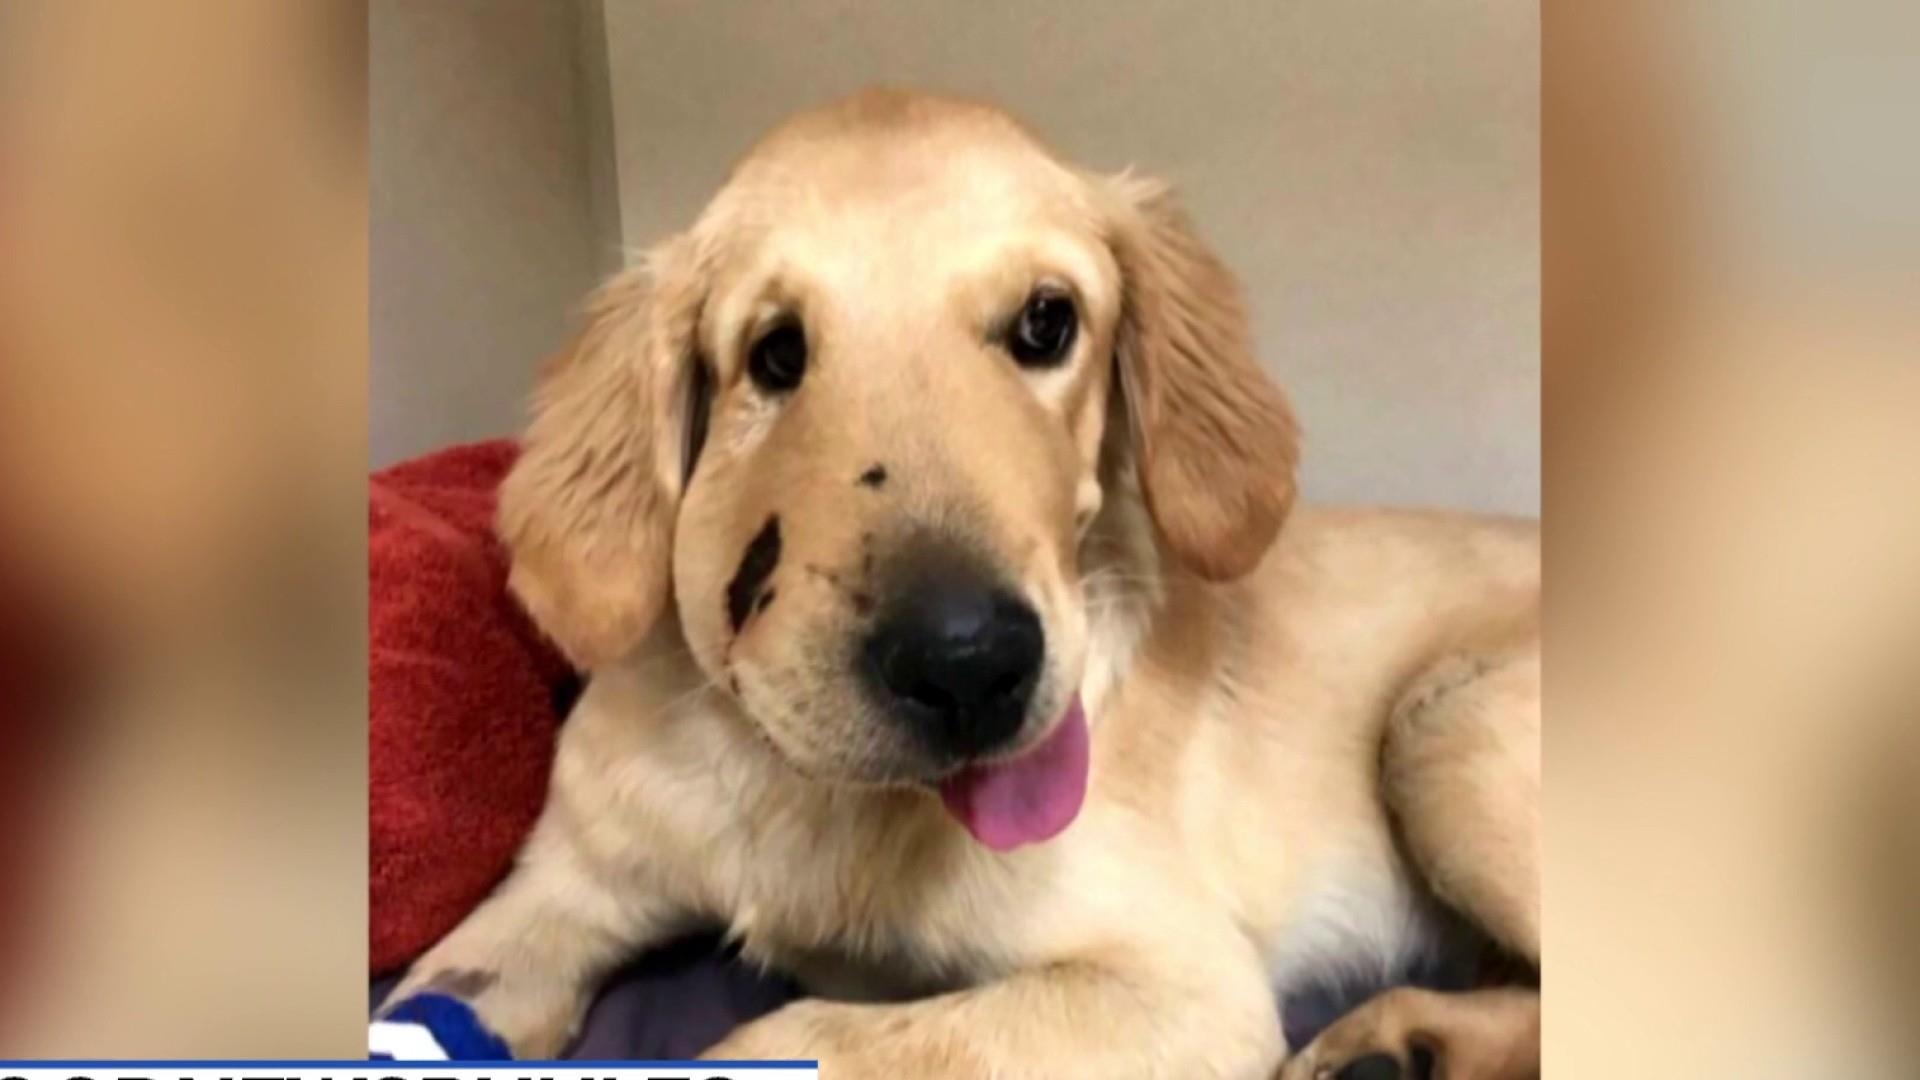 Golden retriever puppy saves owner from rattlesnake